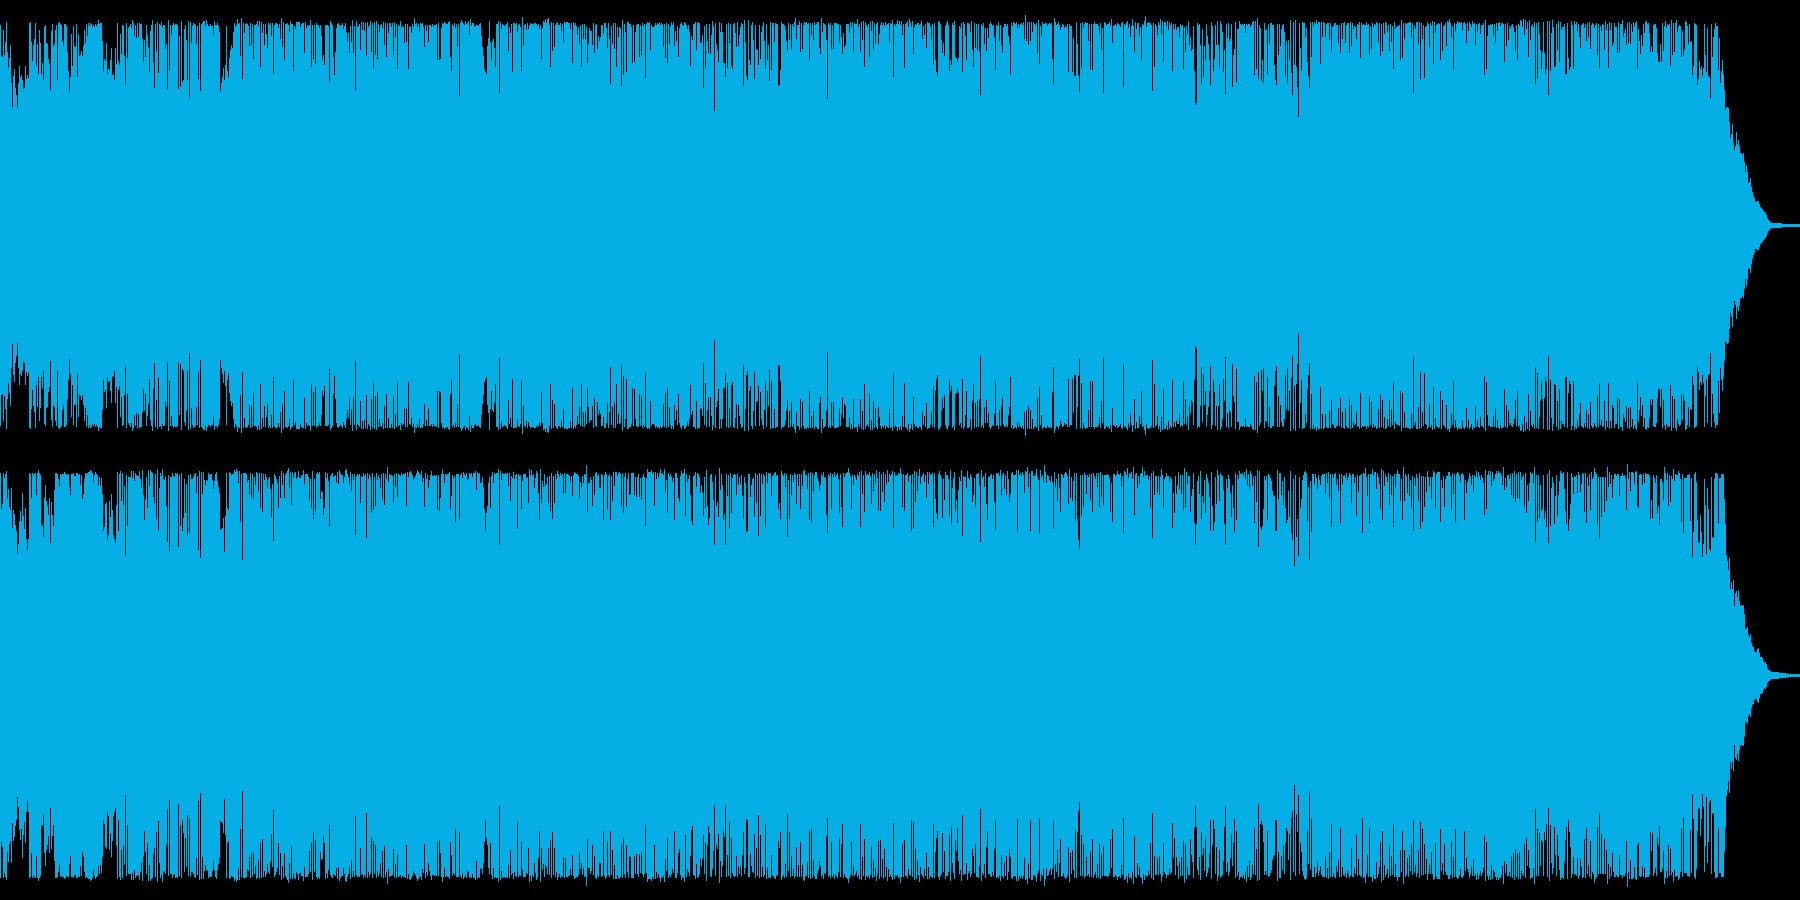 メタル・ギターインスト クラシカルの再生済みの波形